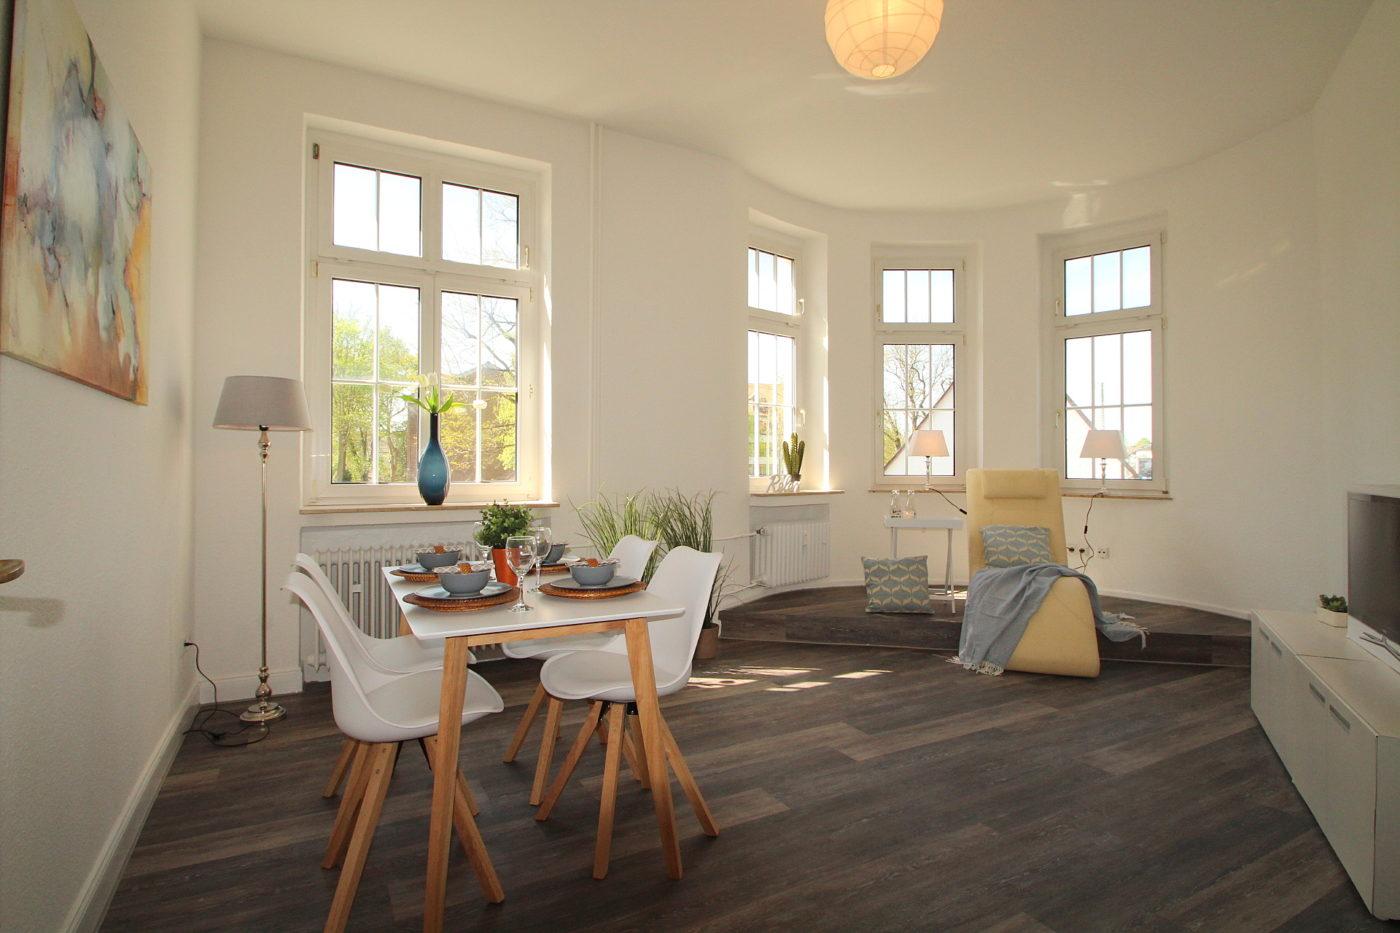 Immobilien erfolgreich vermieten. Wir von Blickfang Homestaging in Soest sind DIE Experten im Kreis Soest, wenn es um eine optimale Immobilienpräsentation geht